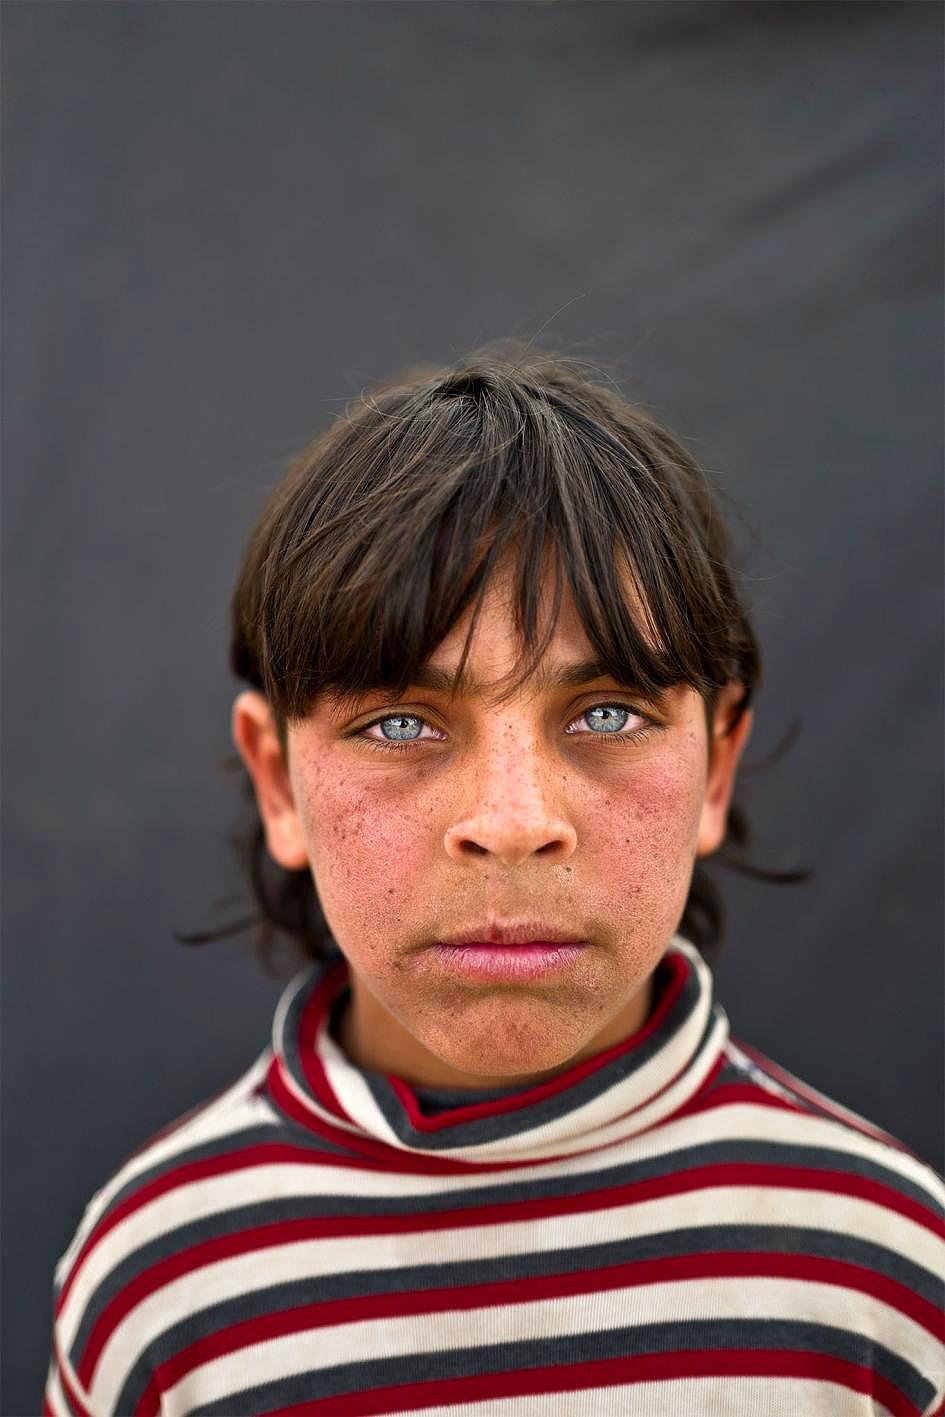 Savaşın Acısı Onların Gözlerinde 9